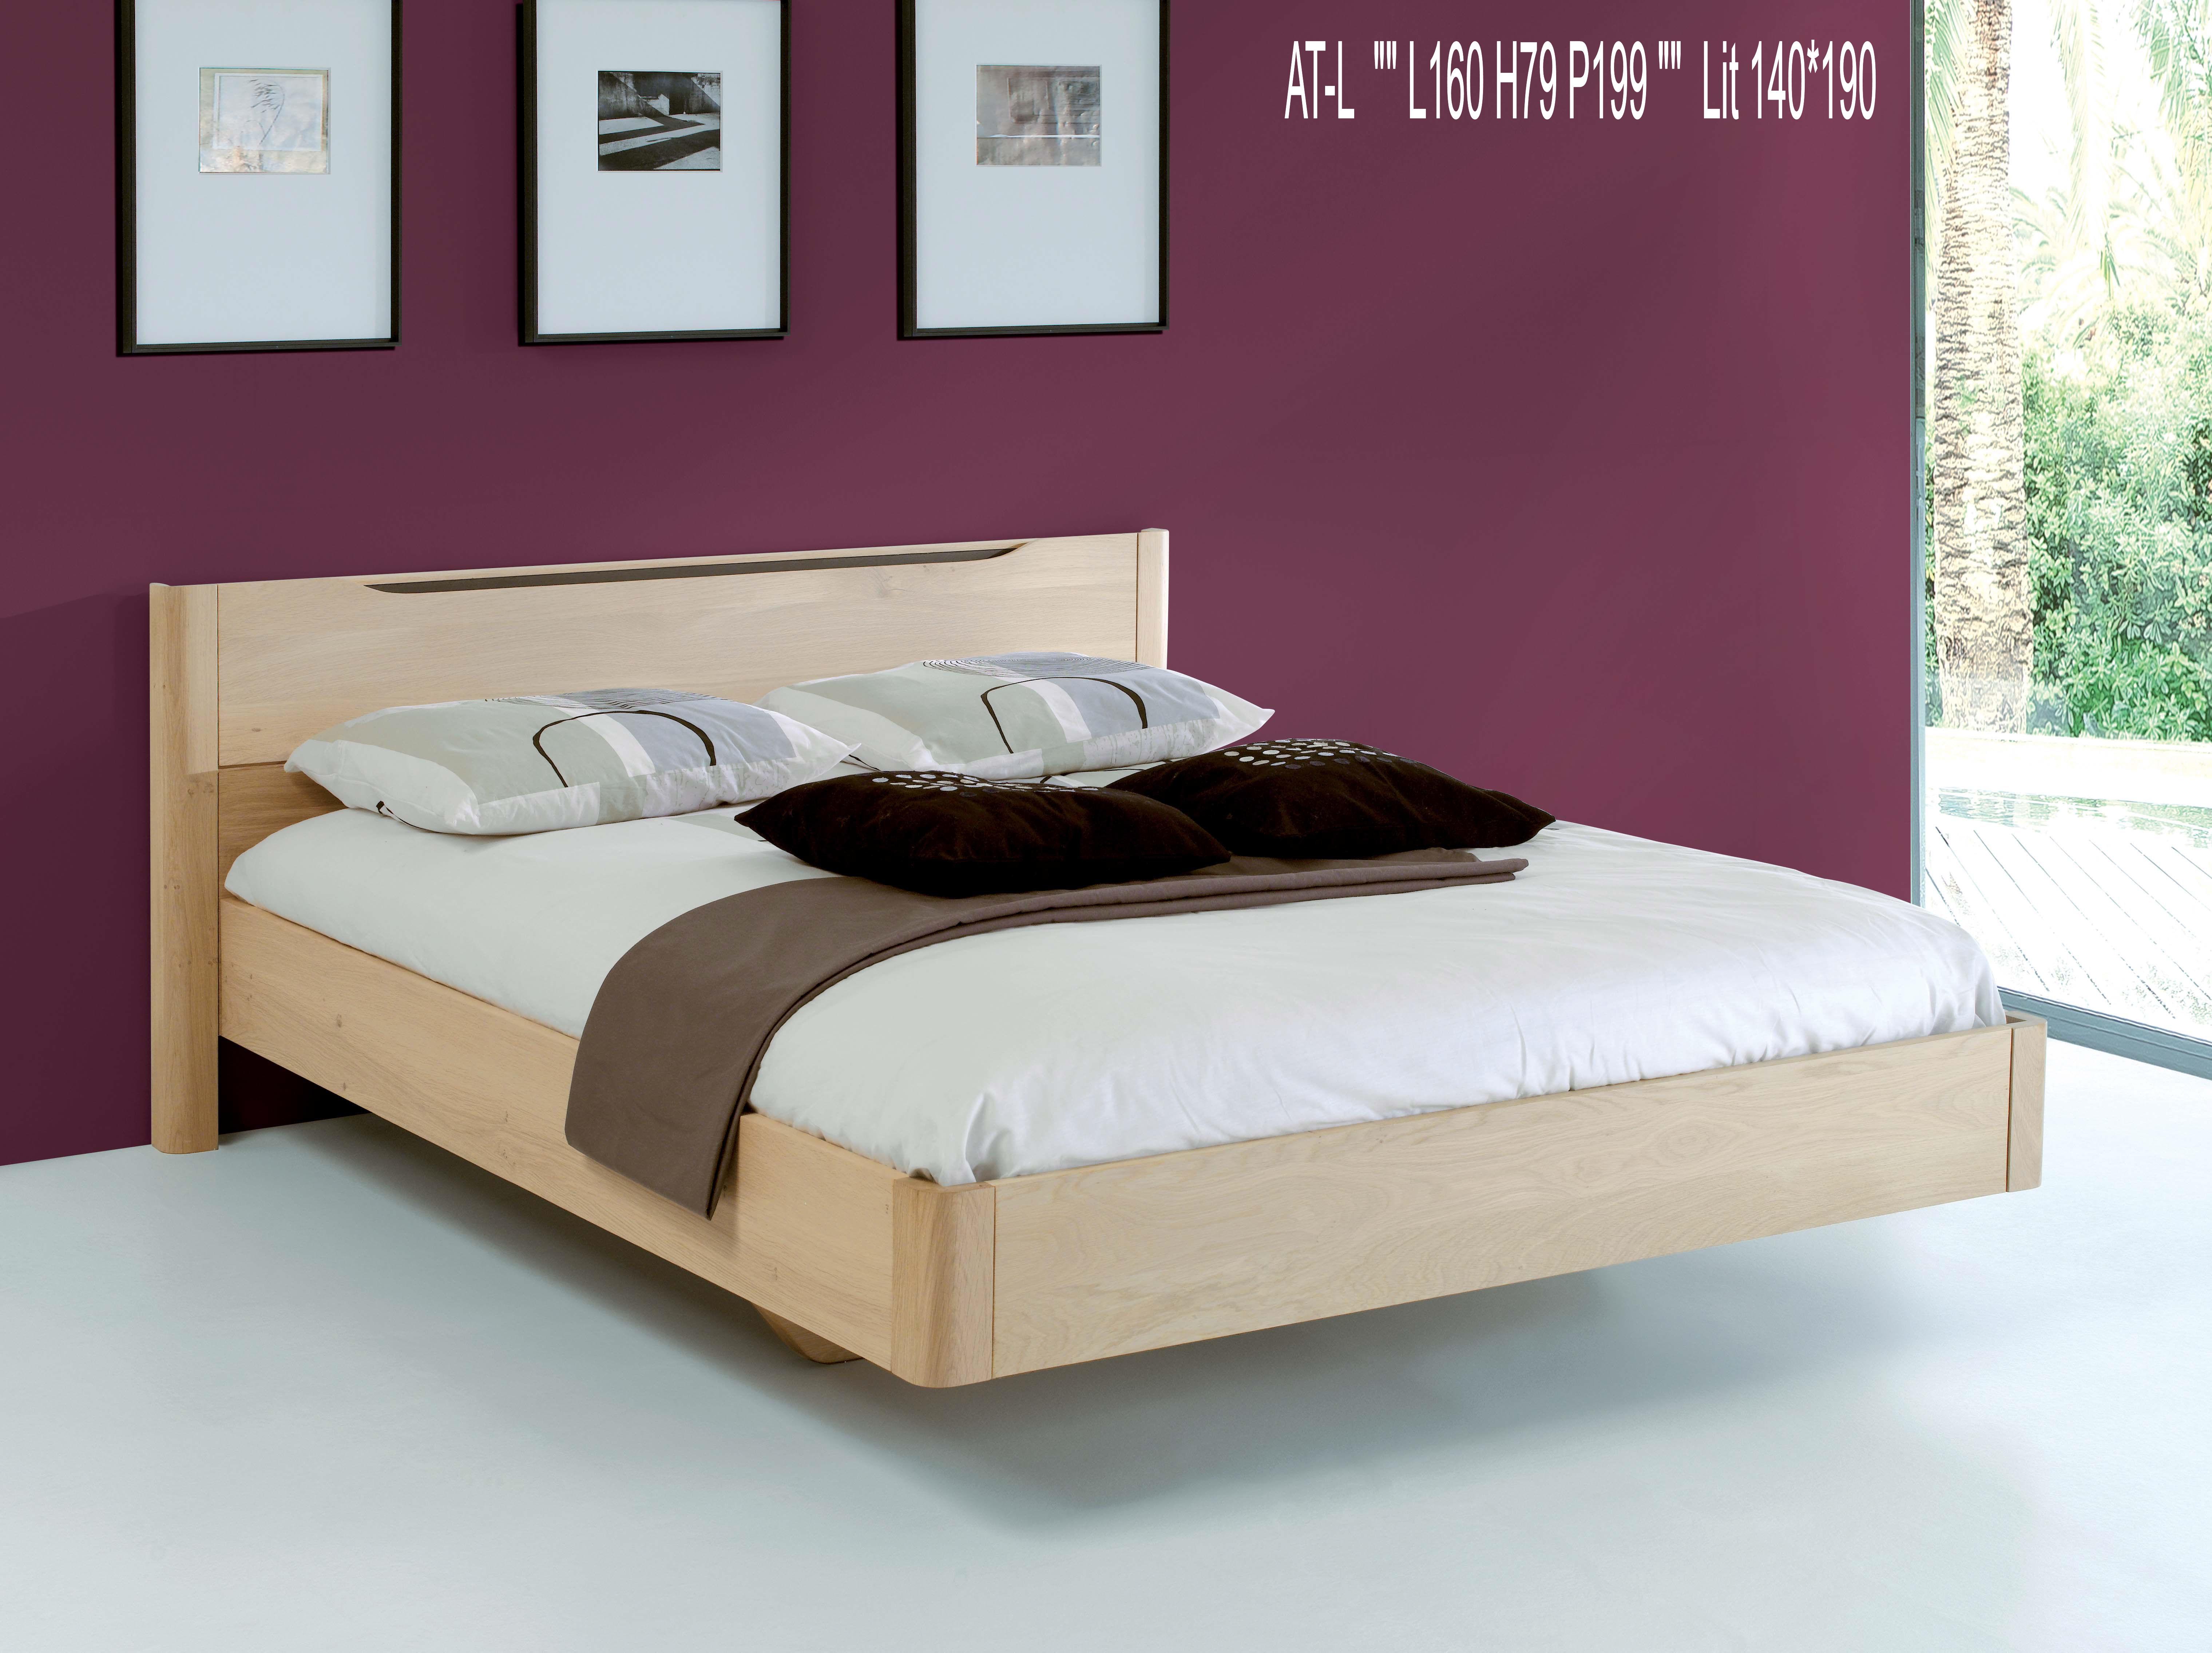 lit contemporain lilou pour 160 x 200 l1620. Black Bedroom Furniture Sets. Home Design Ideas